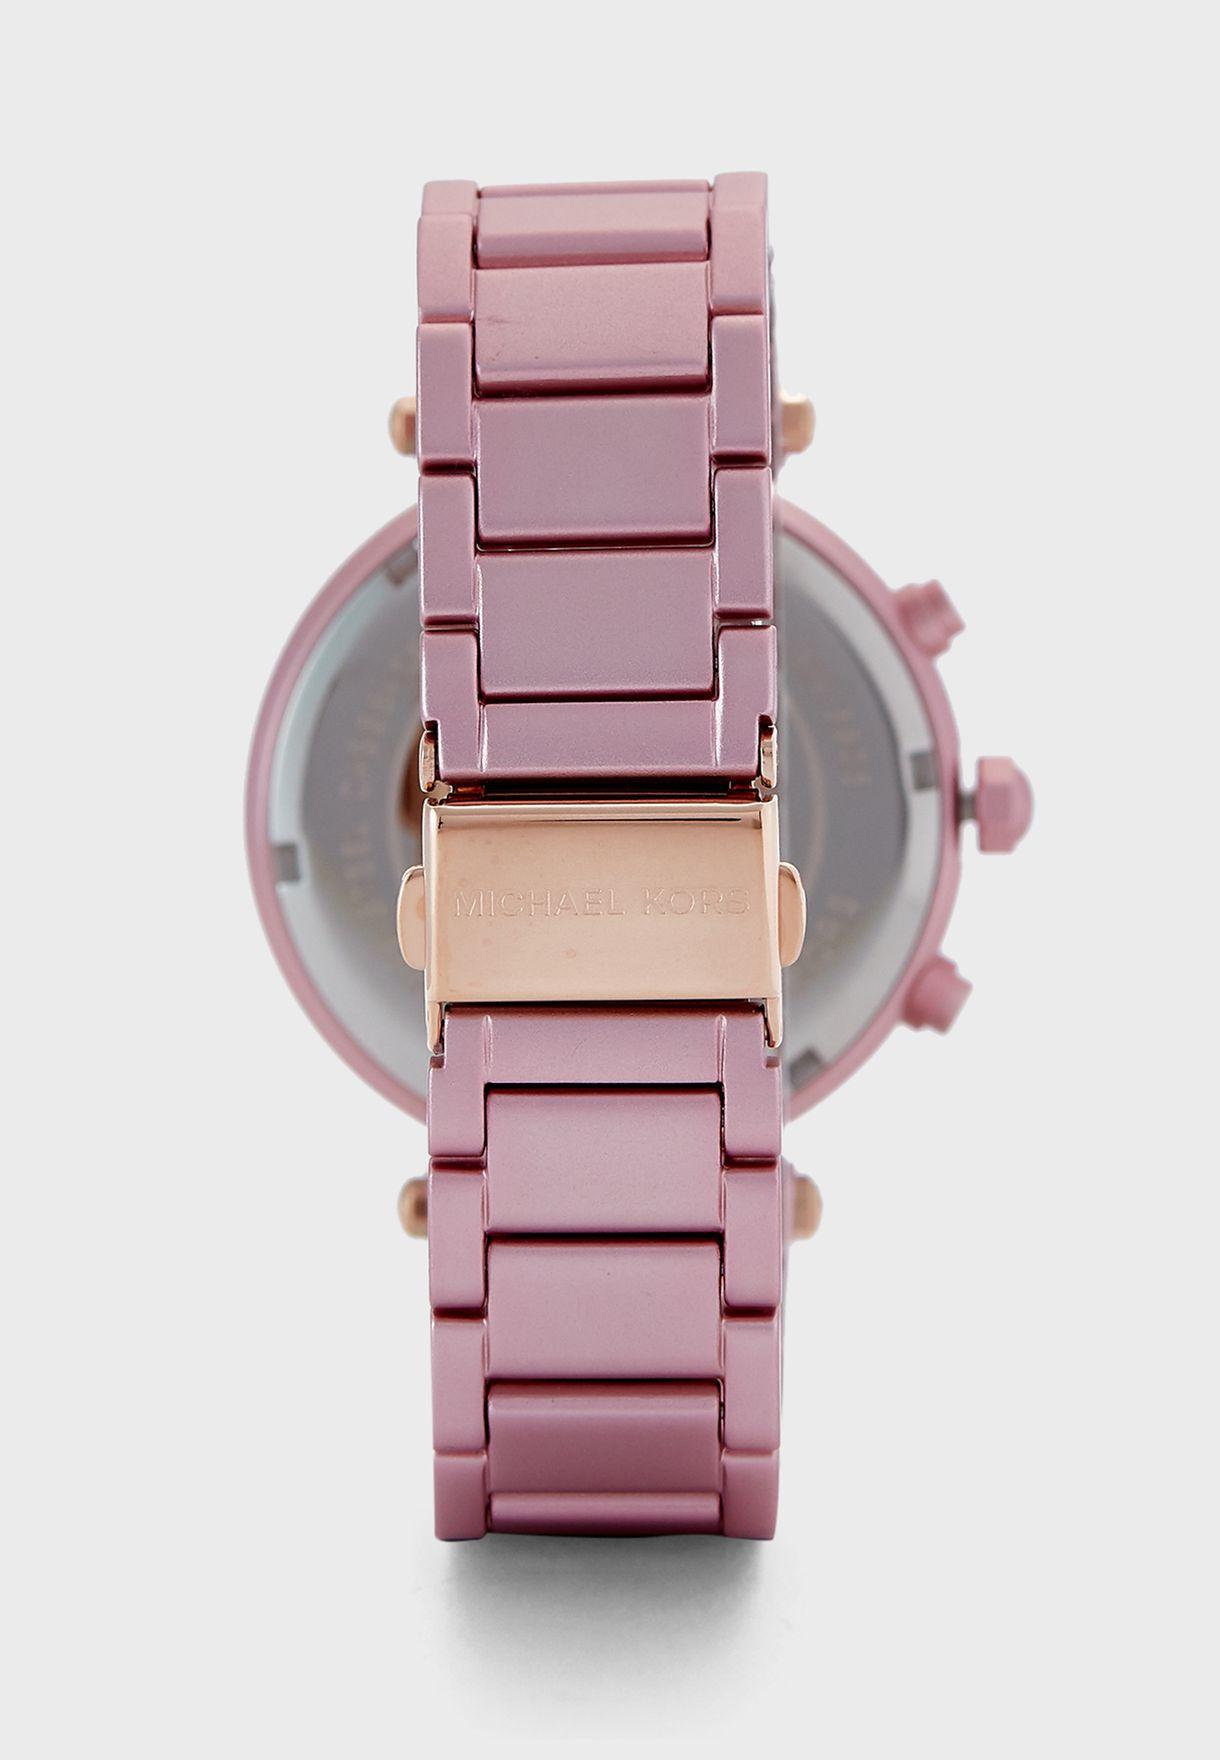 MK6806 Parker Analog Watch